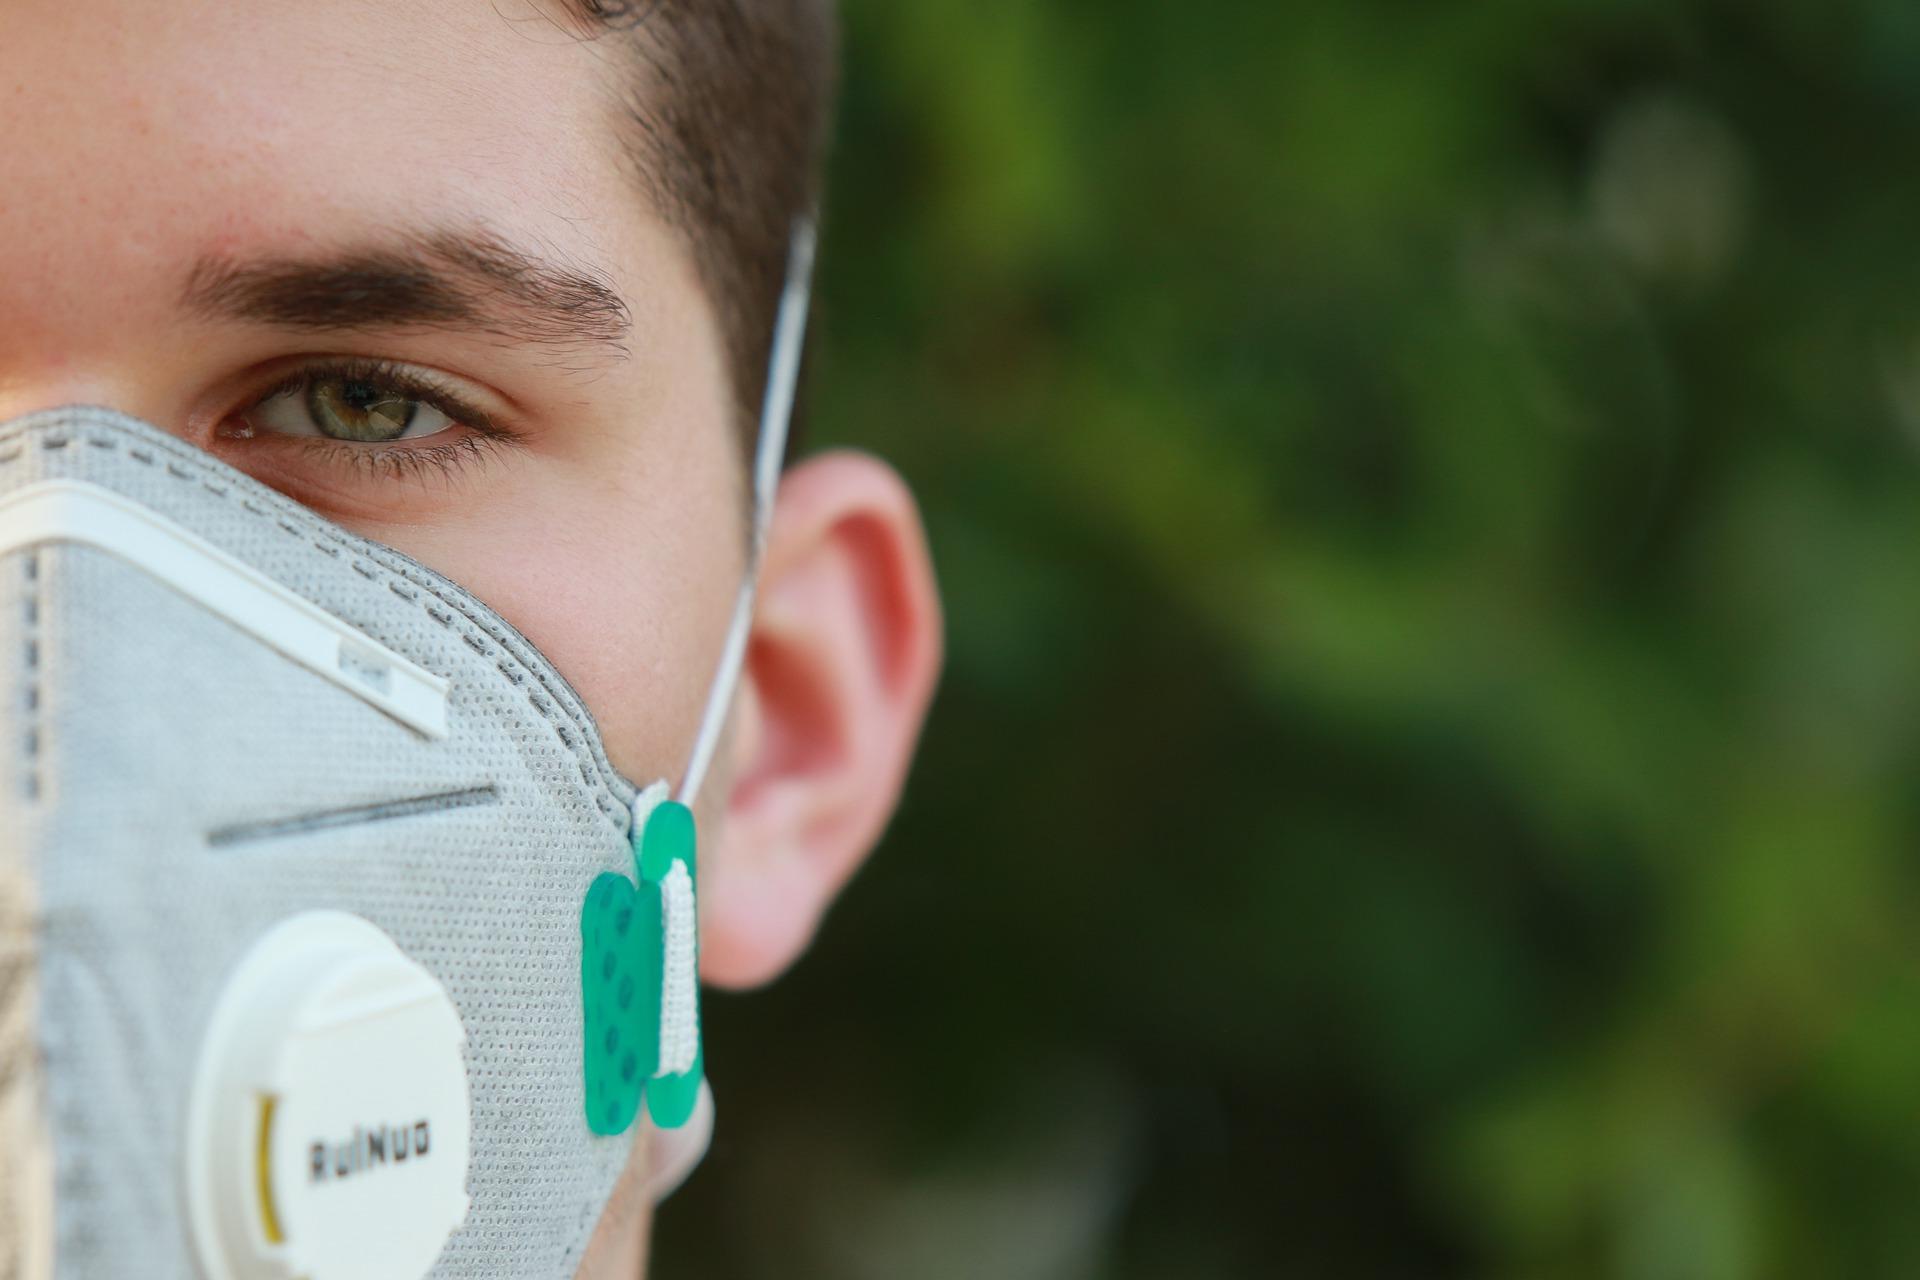 Pontal do Paraná deve rescindir contrato para aquisição de máscaras N95, em razão de sobrepreço e quantidade superior a necessária